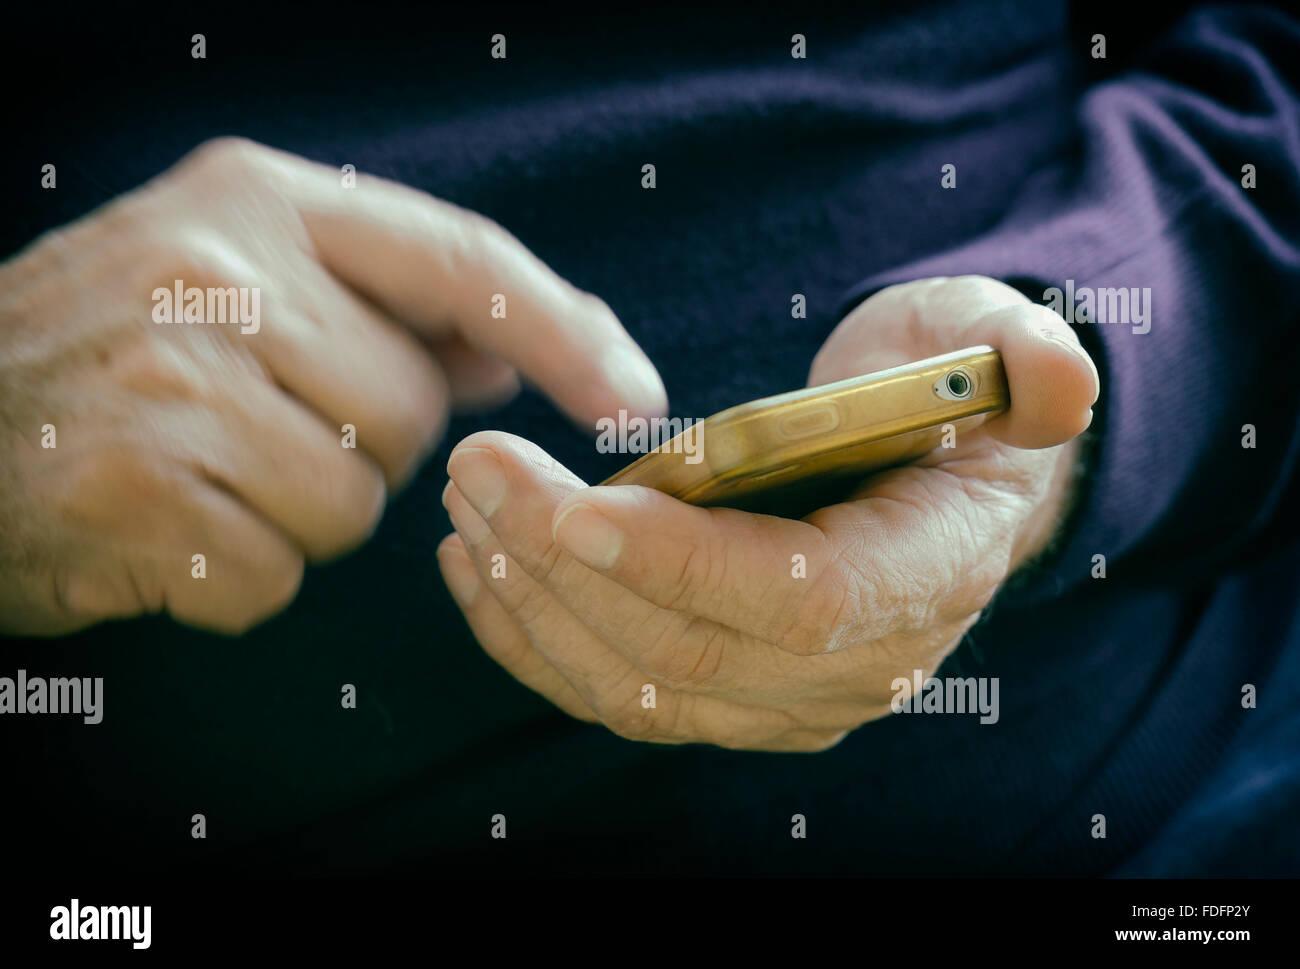 Mani maschio immettendo le informazioni su smart phone. Immagini Stock